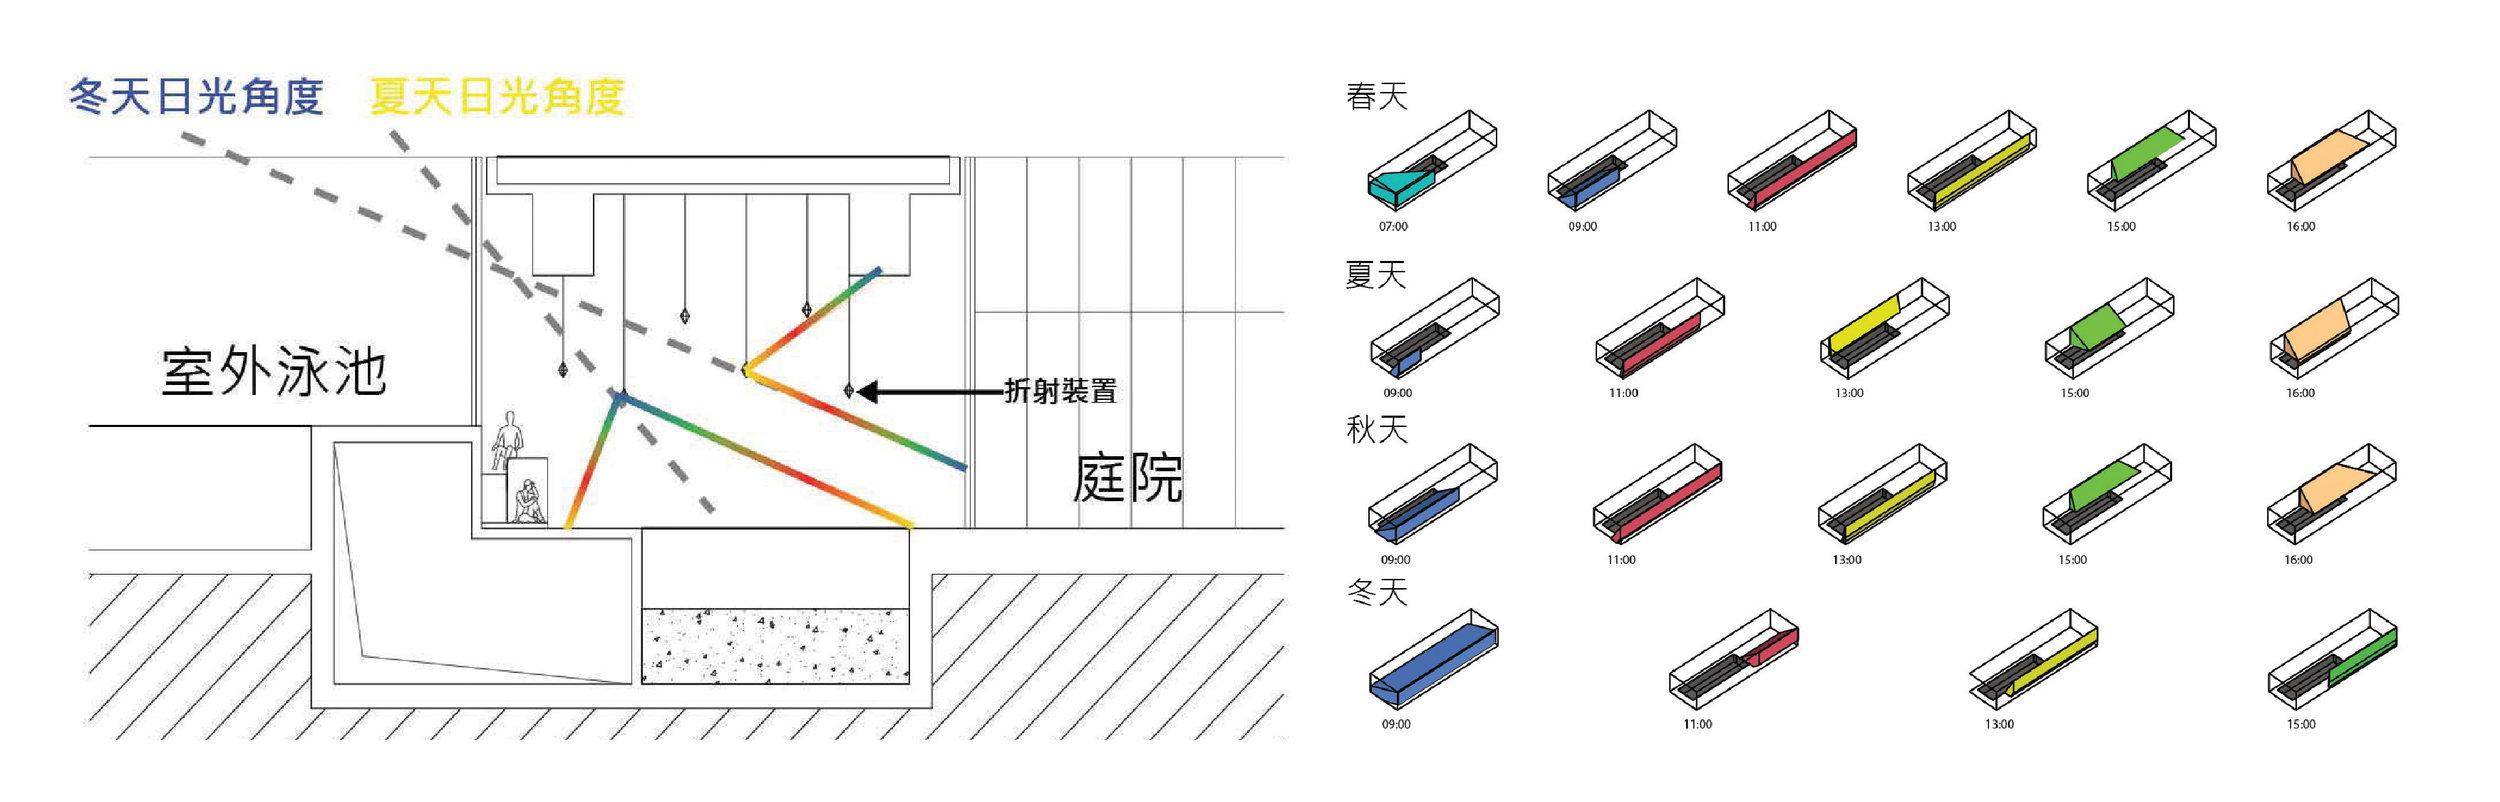 slides_images embed_rev2-04.jpg